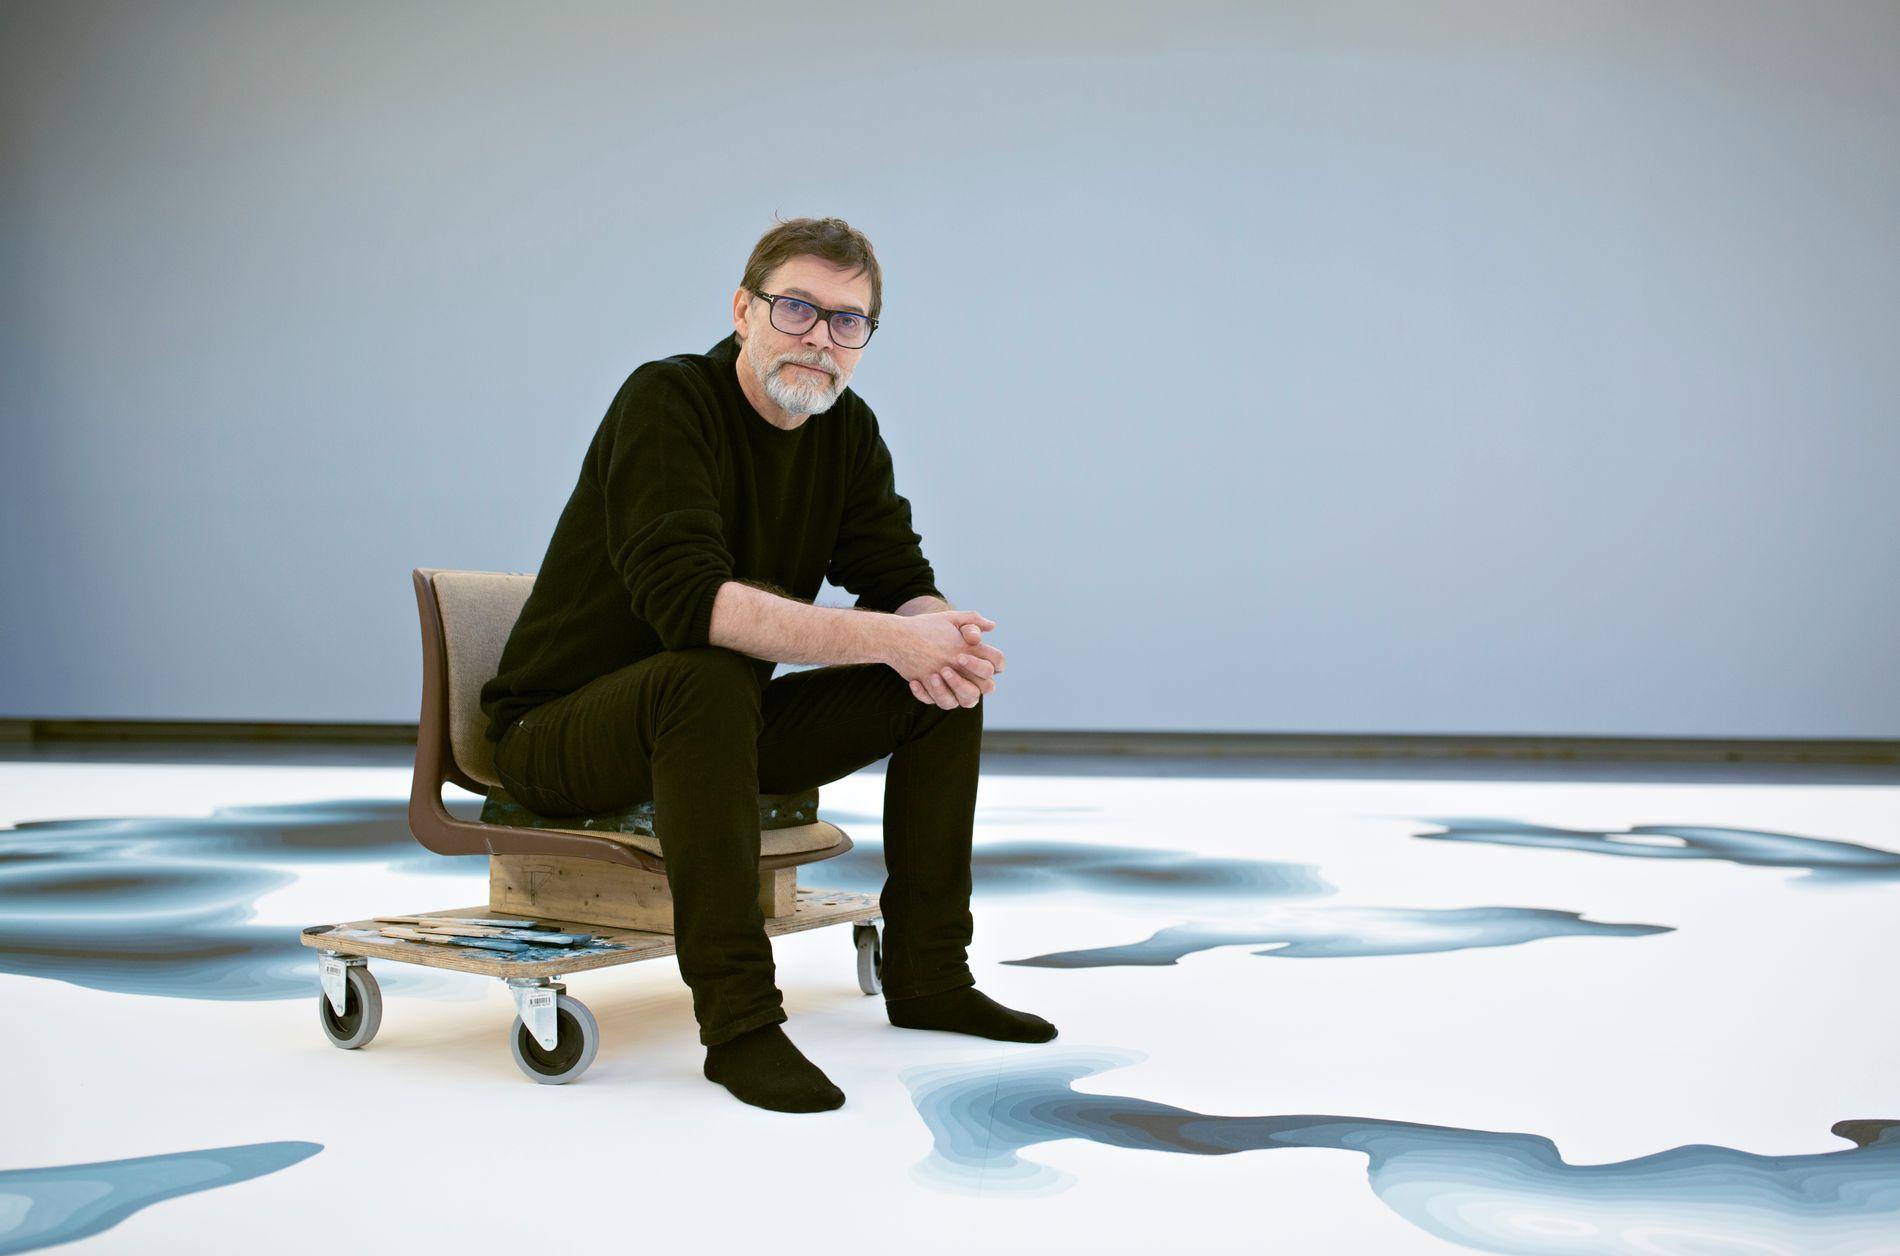 STENERSENS VAREHUS: Fredag blir siste sjanse til å se verket «Flat Acrylic» av Ole Jørgen Ness.